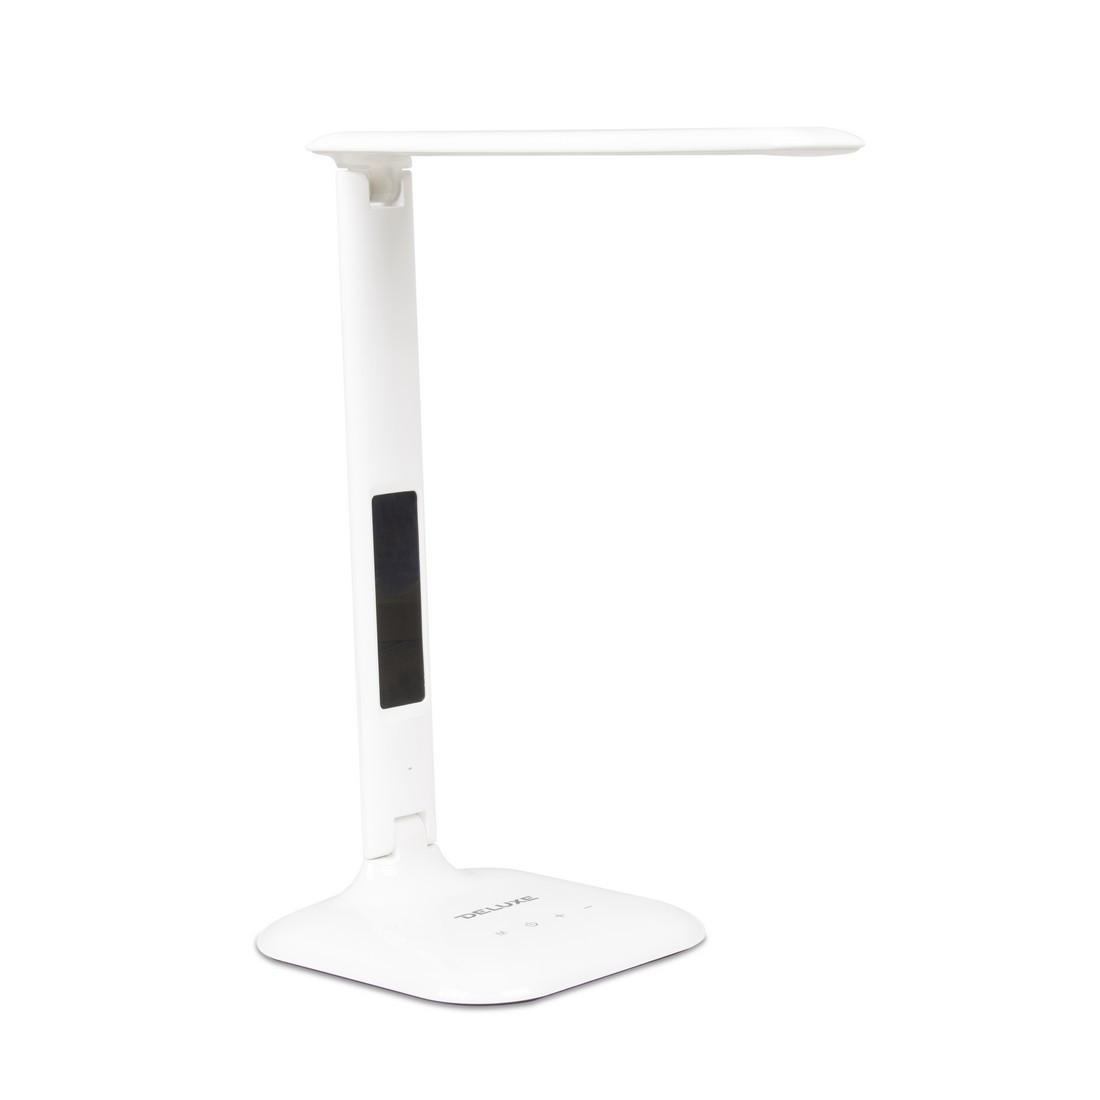 Настольная светодиодная лампа, Deluxe, DLTL-306W-9W, 9Вт, 27 диодов, Календарь, Часы, Будильник, USB